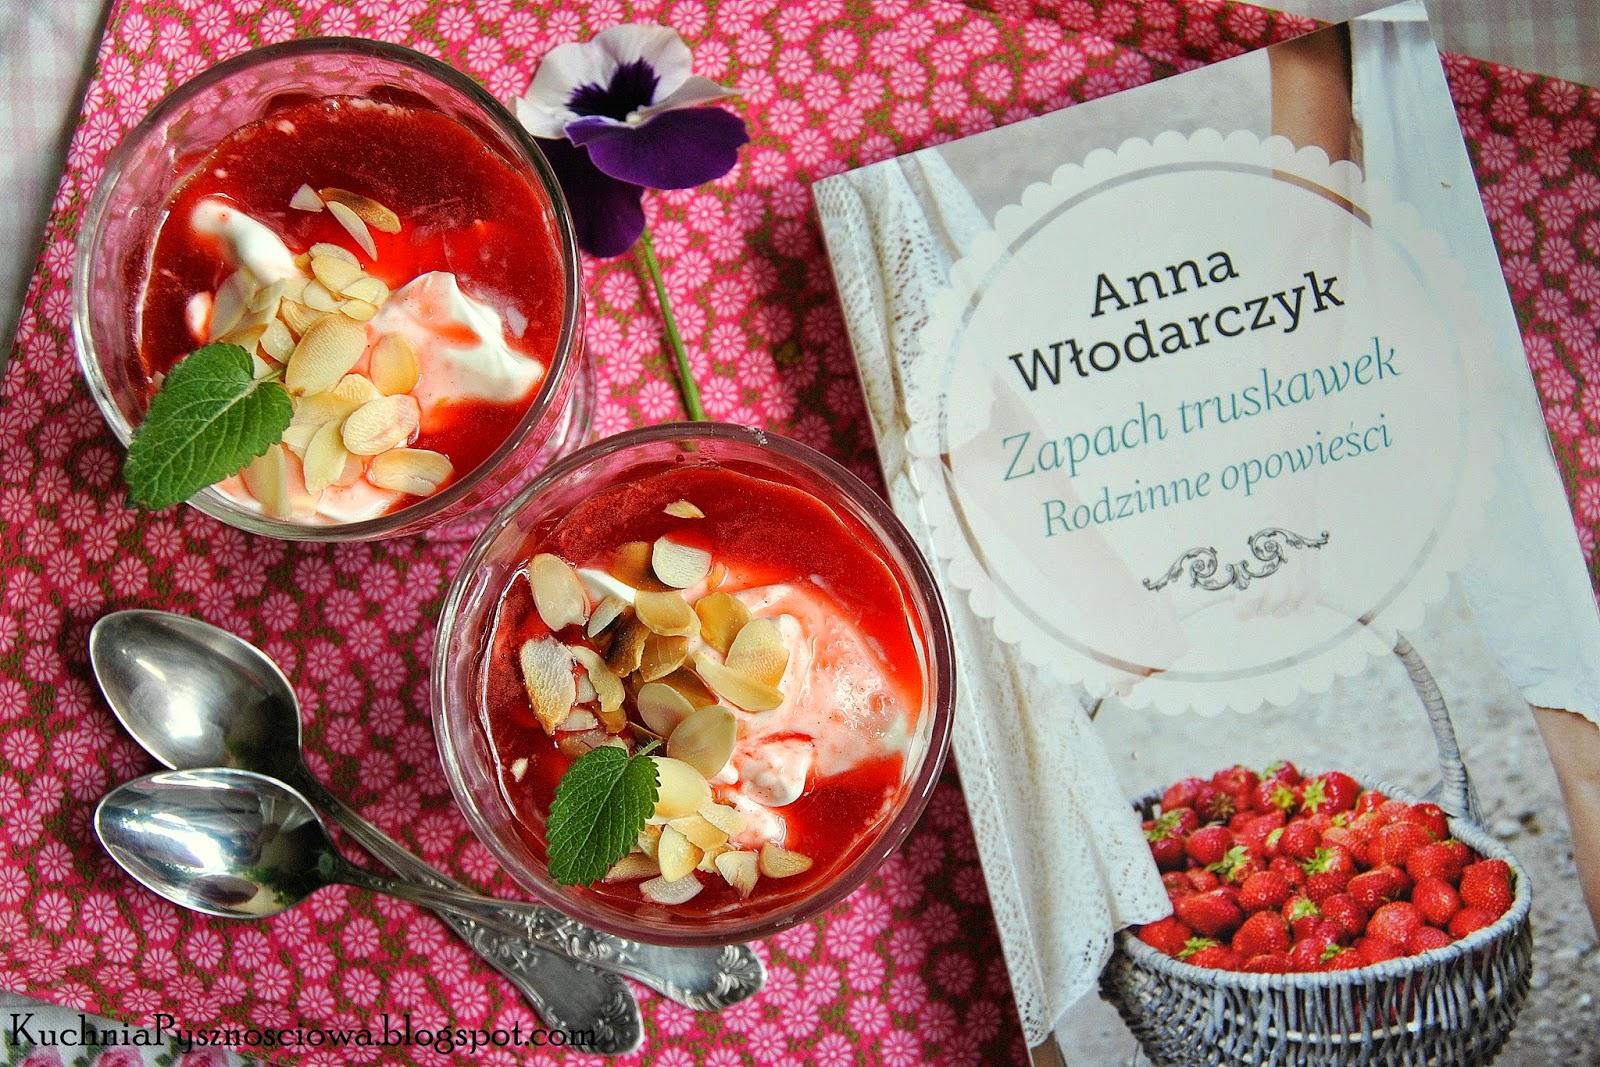 222. Oniro, jogurtowy deser z truskawkami i rabarbarem oraz kolejna smakowita lektura